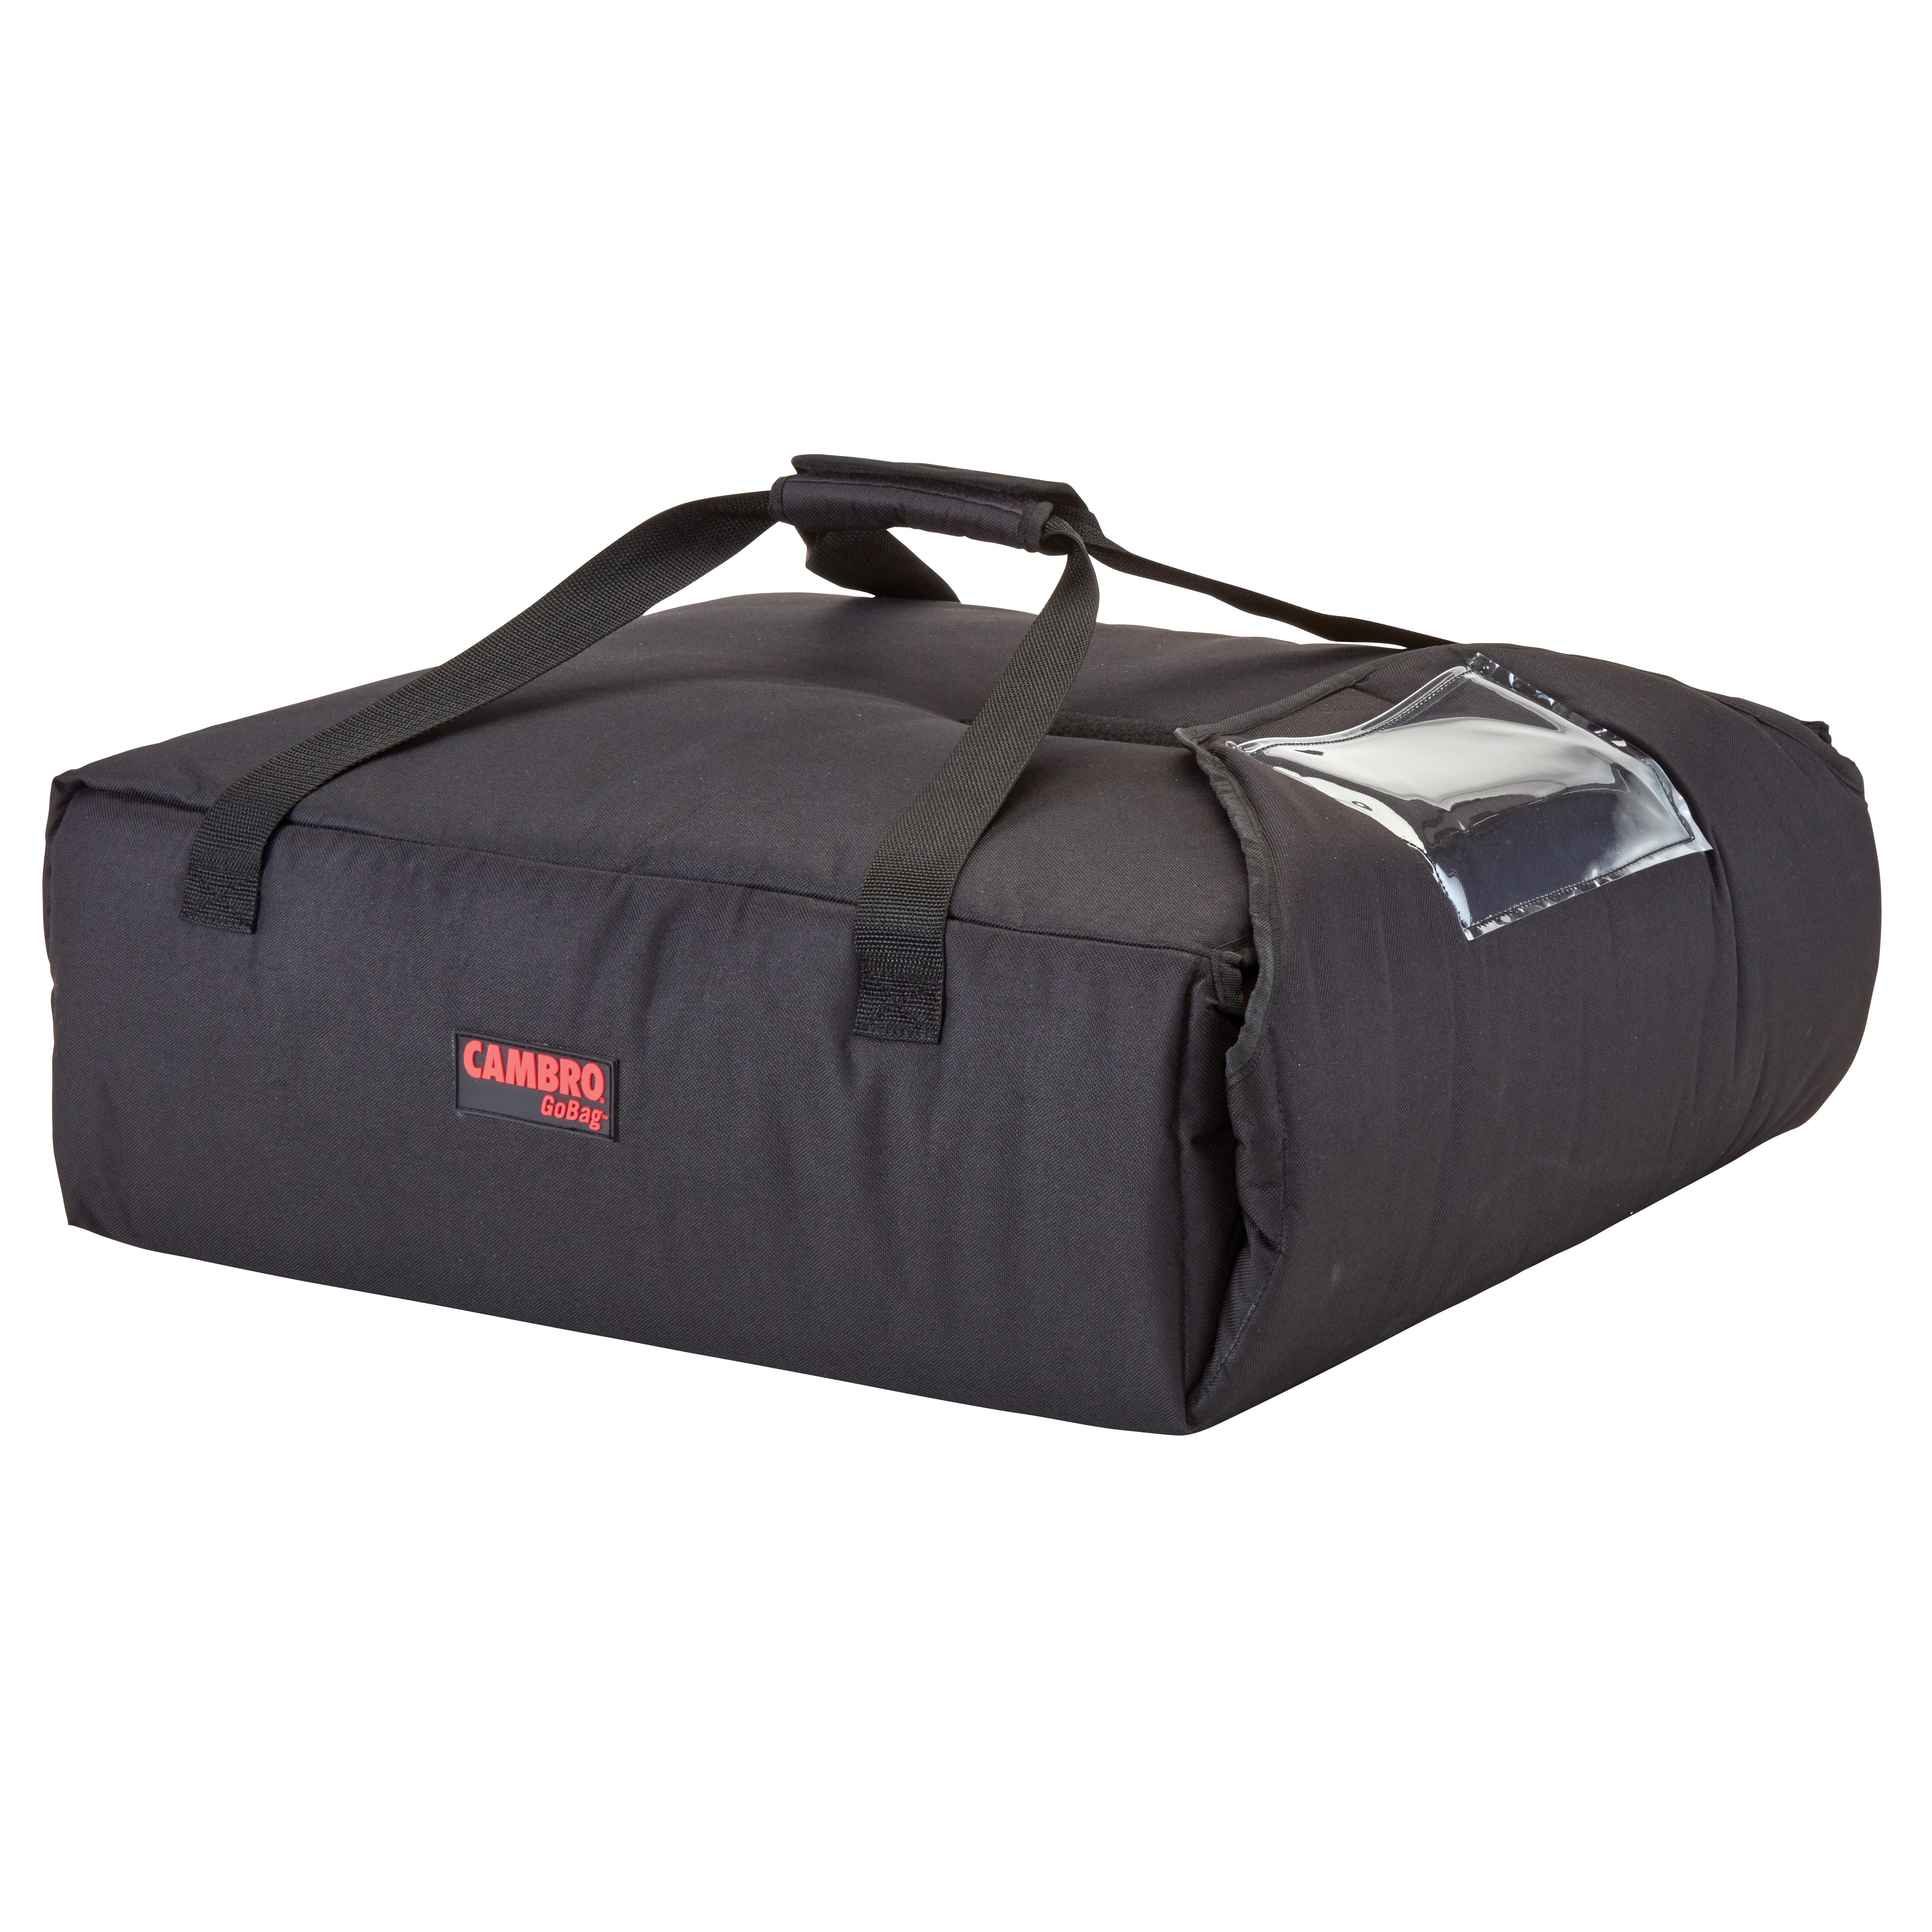 Cambro GBPP216110 premium pizza delivery bag